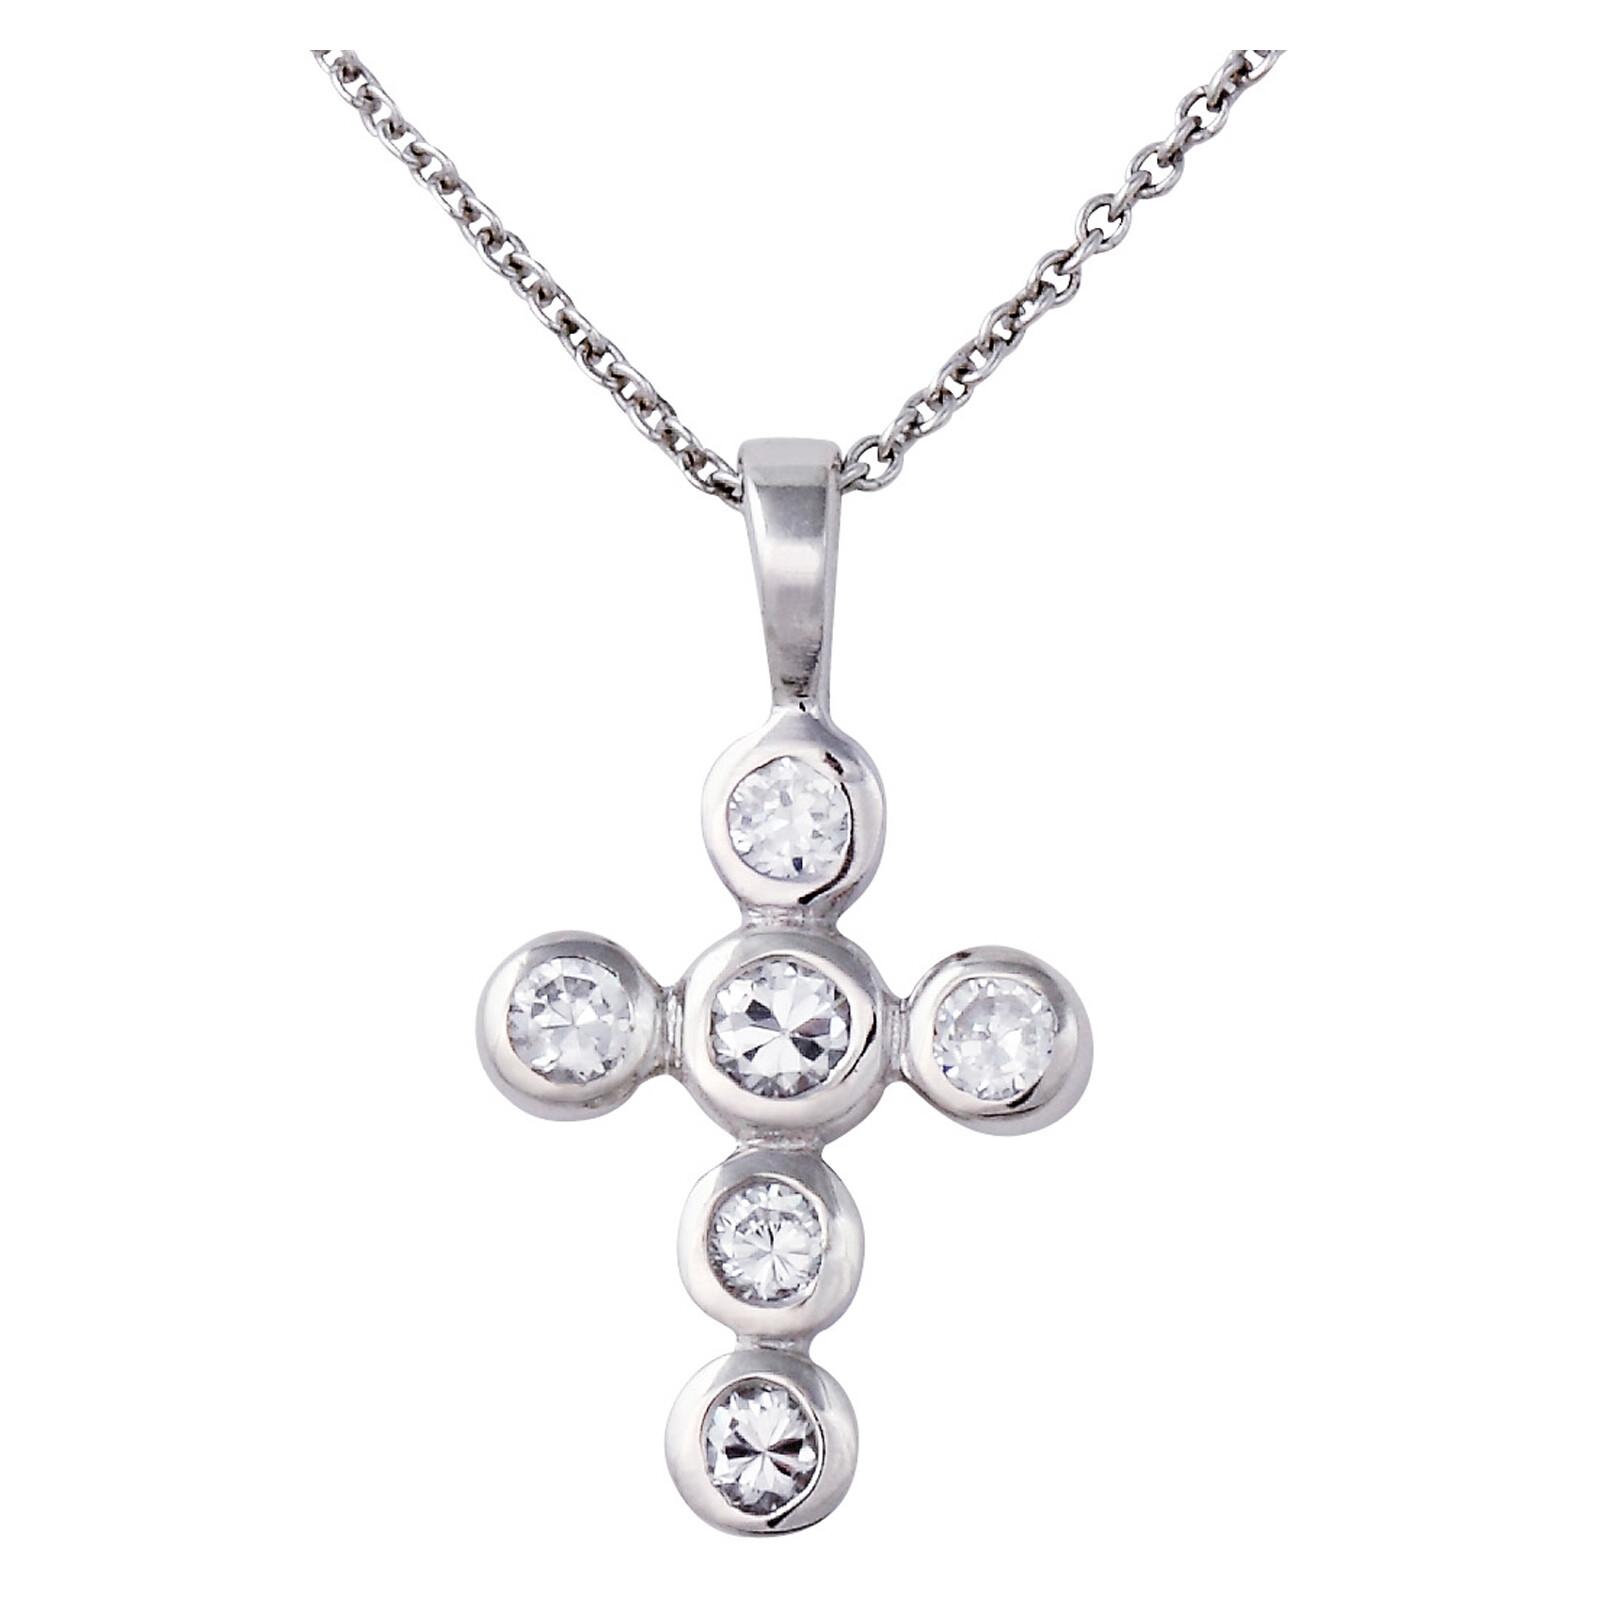 Kette Zirkonia mit Kreuzanhänger Silber